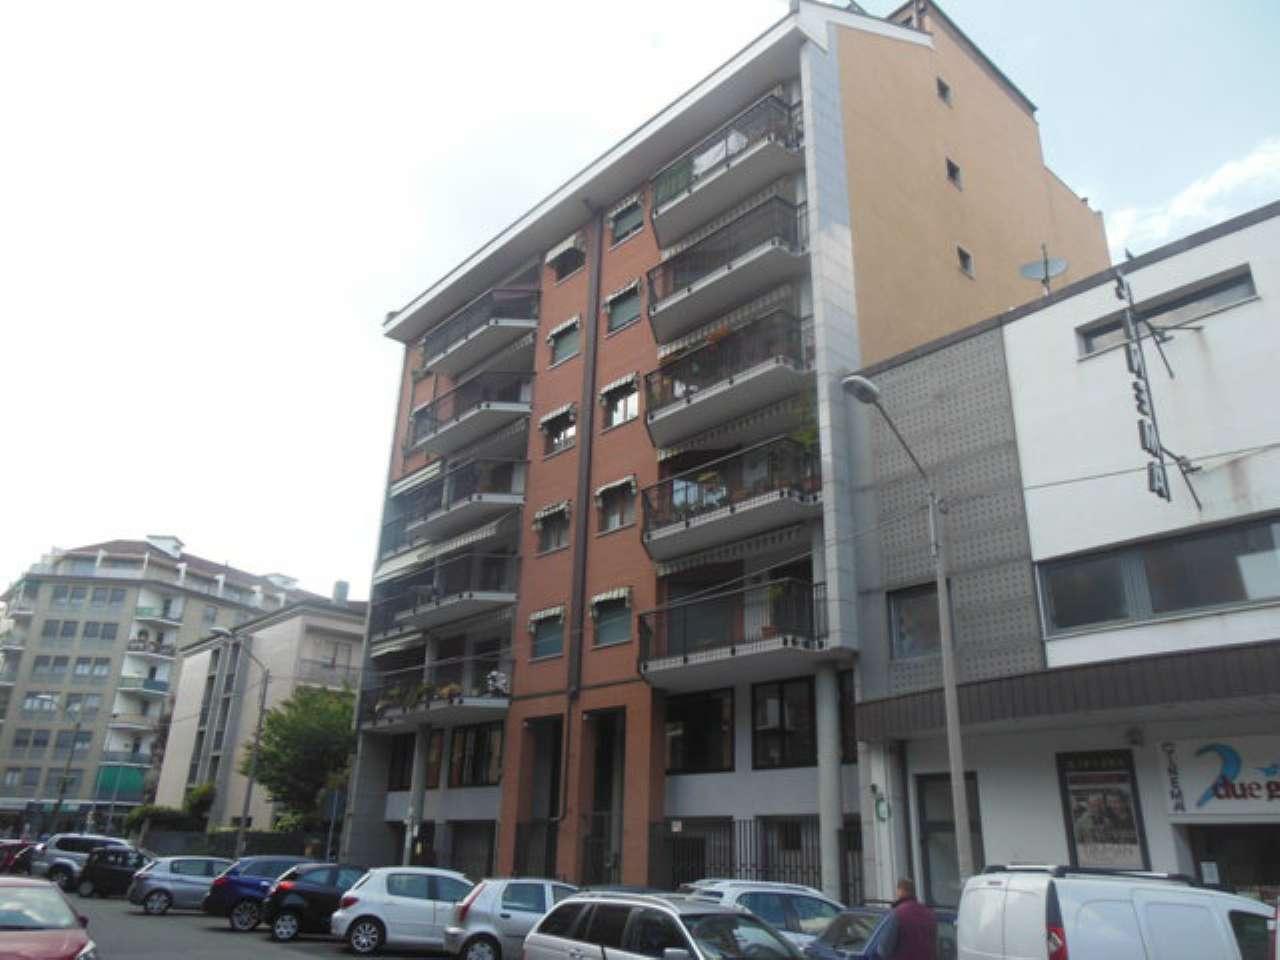 Ufficio studio in vendita torino via gorizia - Ufficio tavolare di gorizia ...